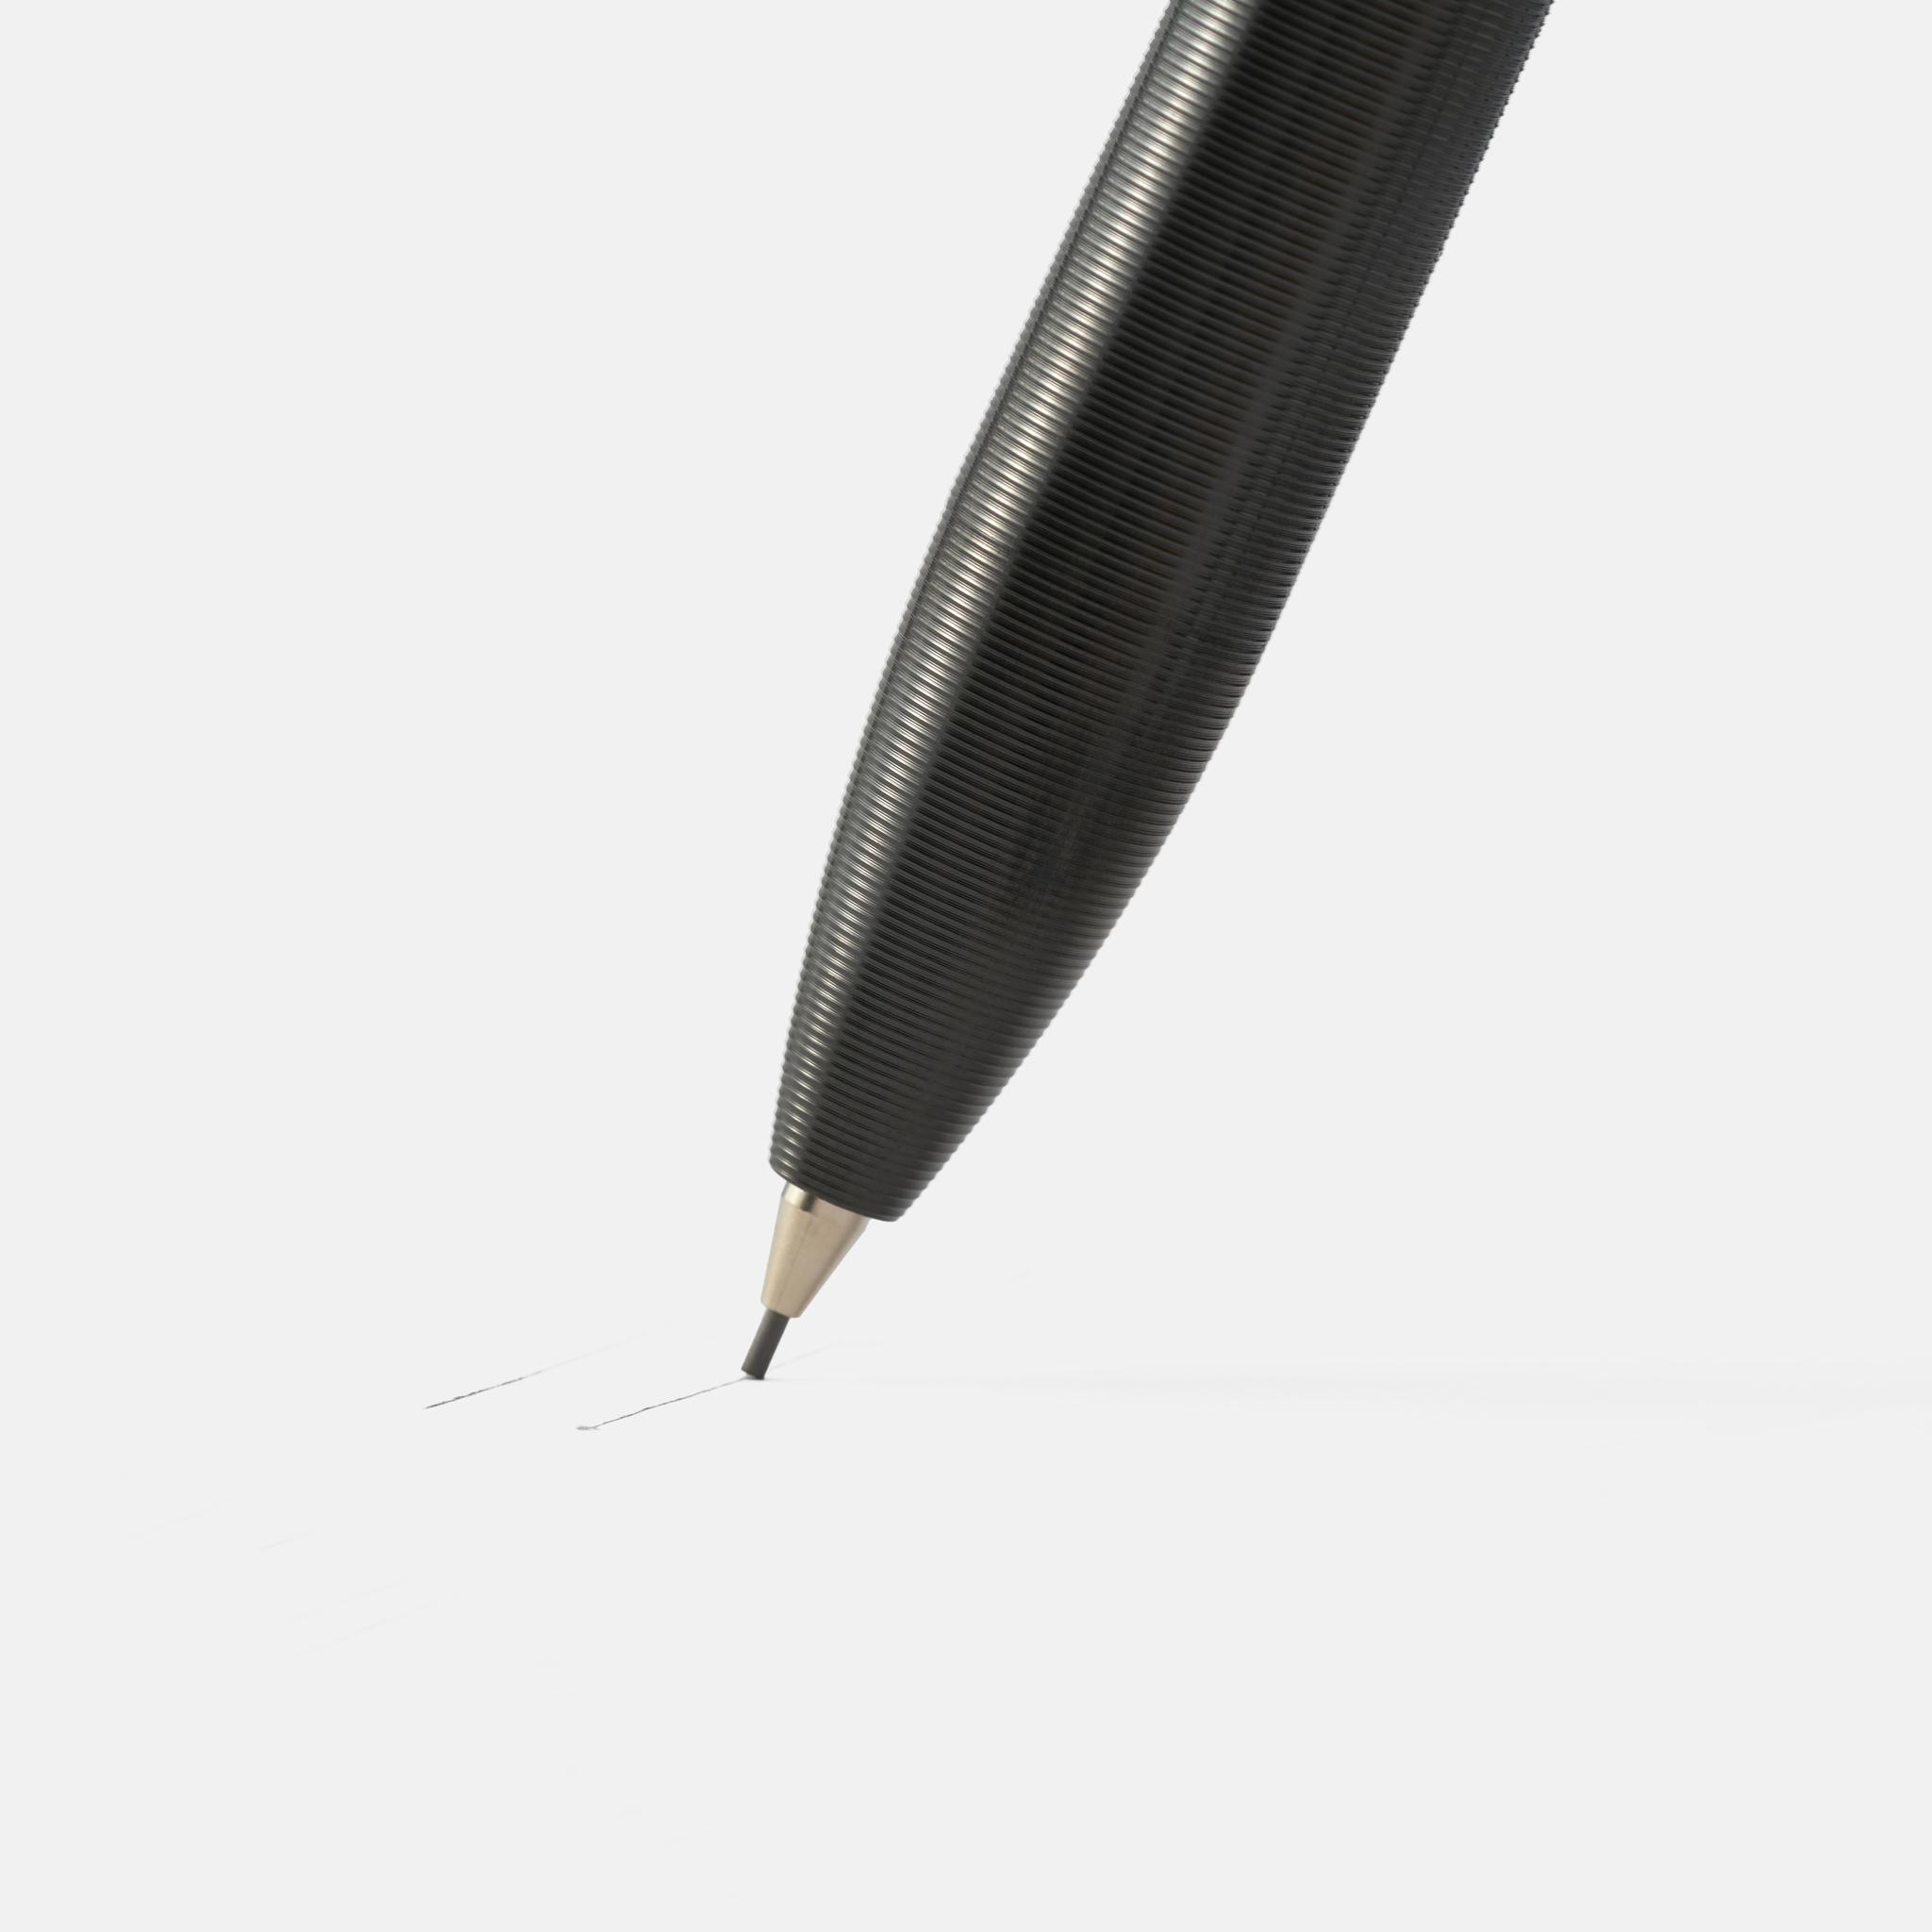 Tactile Turn Pencil Zirconium — карандаш из циркония